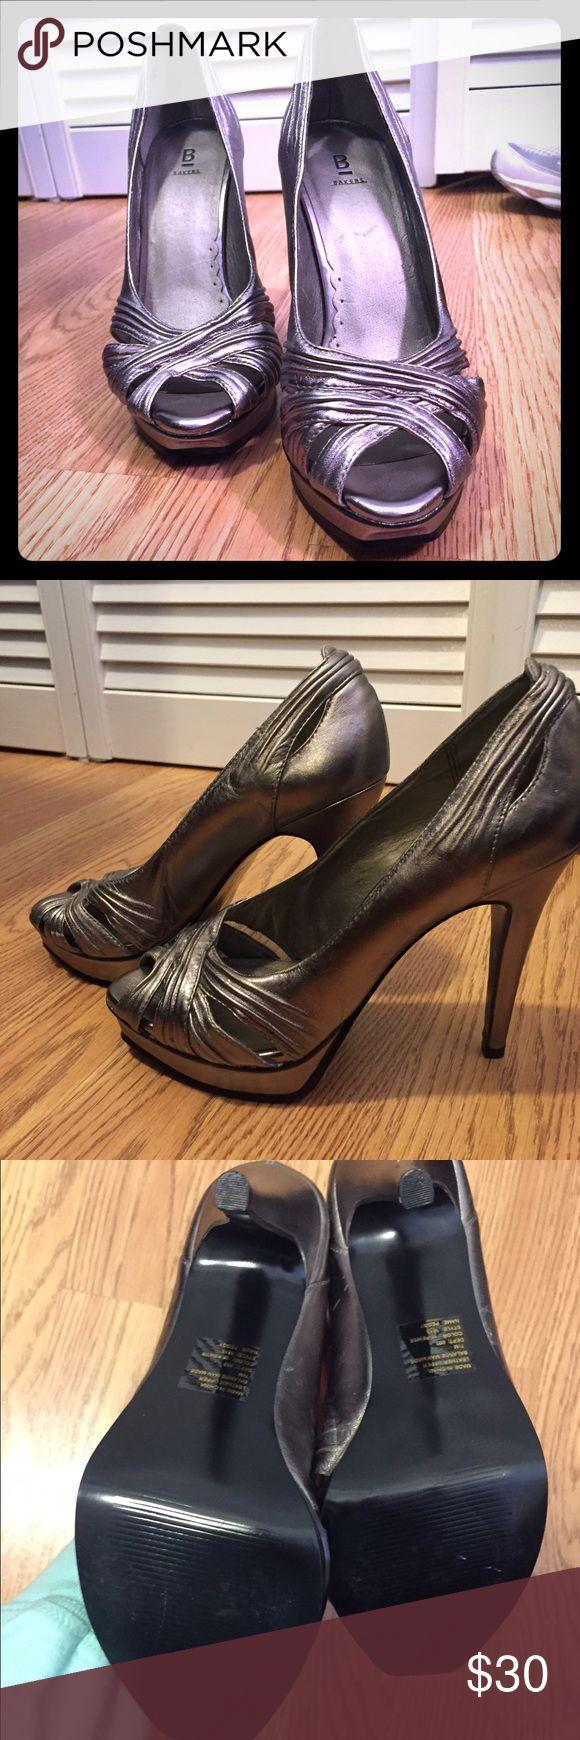 """Beautiful metallic high heels 6"""" heels, never worn Bakers Shoes Heels"""